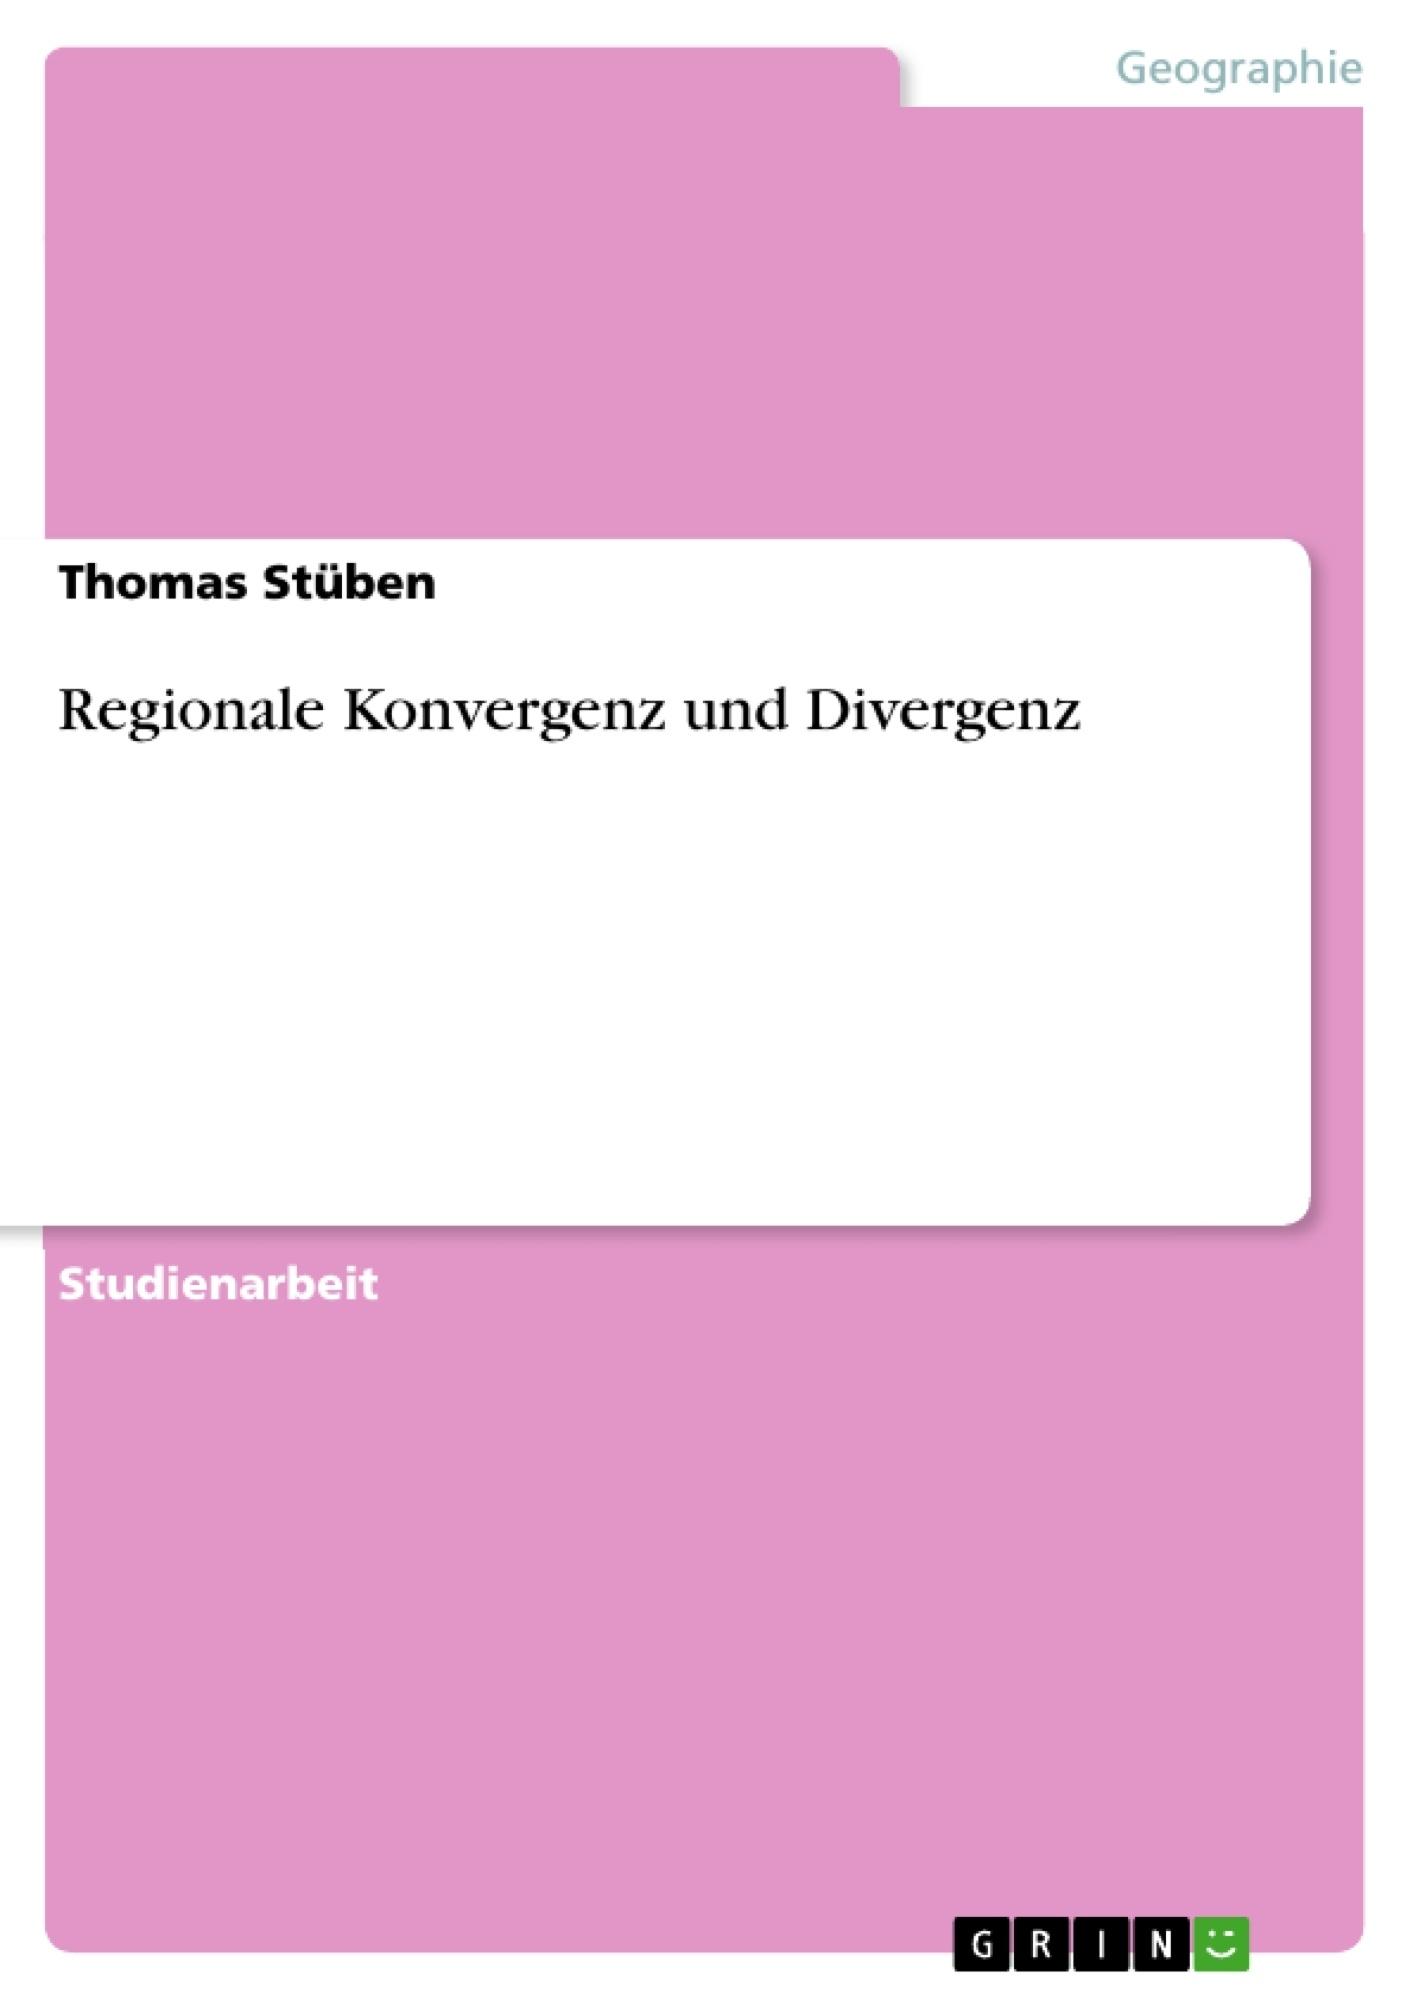 Titel: Regionale Konvergenz und Divergenz